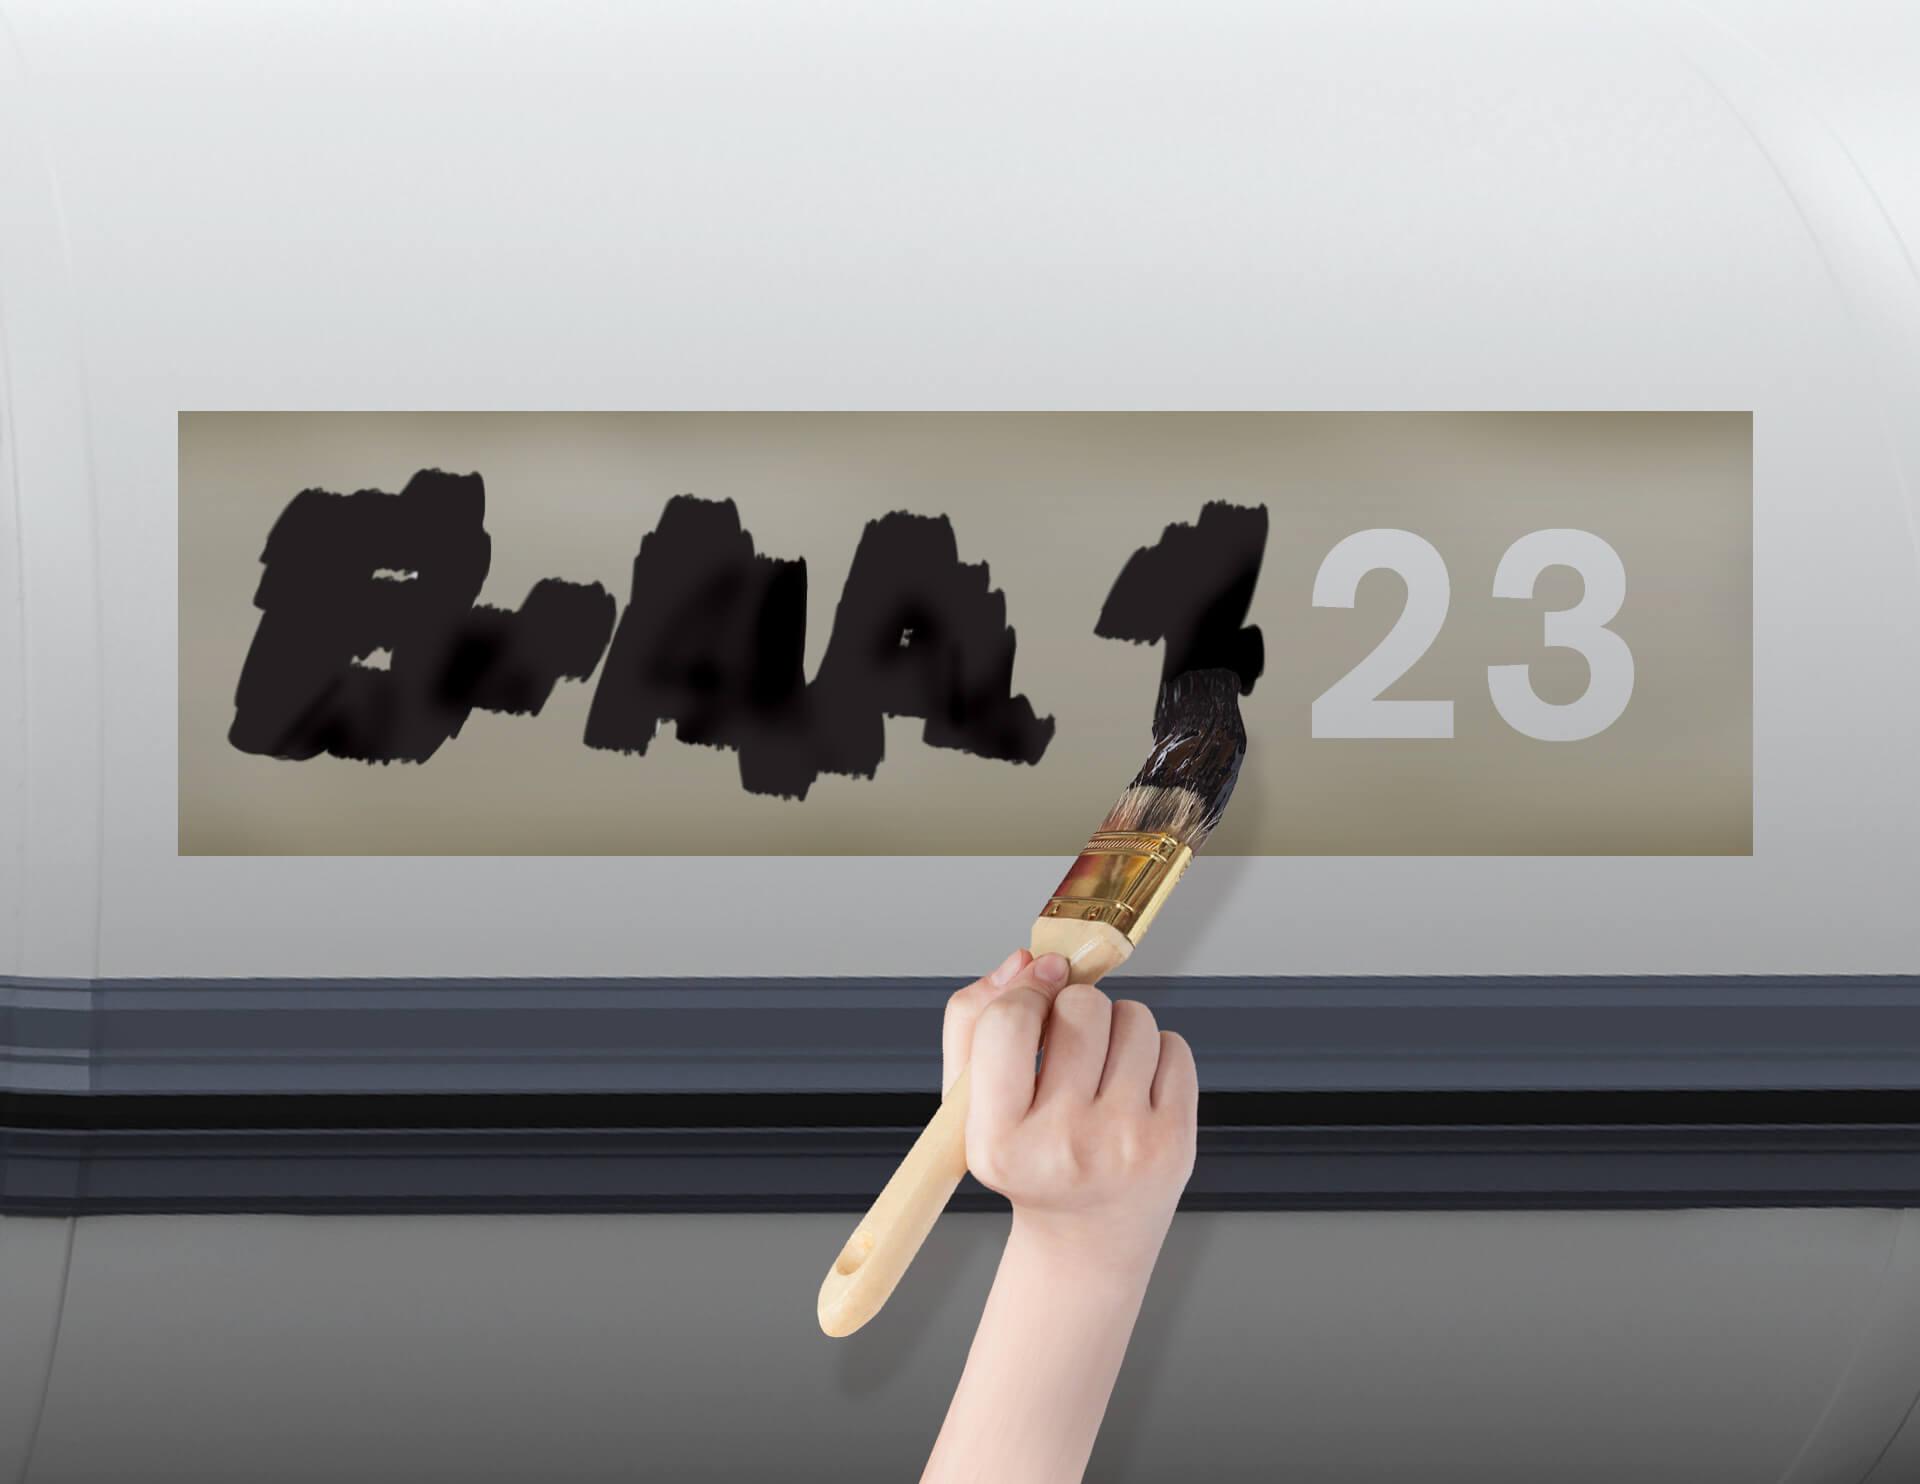 schlauchboot selbst beschriften. Black Bedroom Furniture Sets. Home Design Ideas